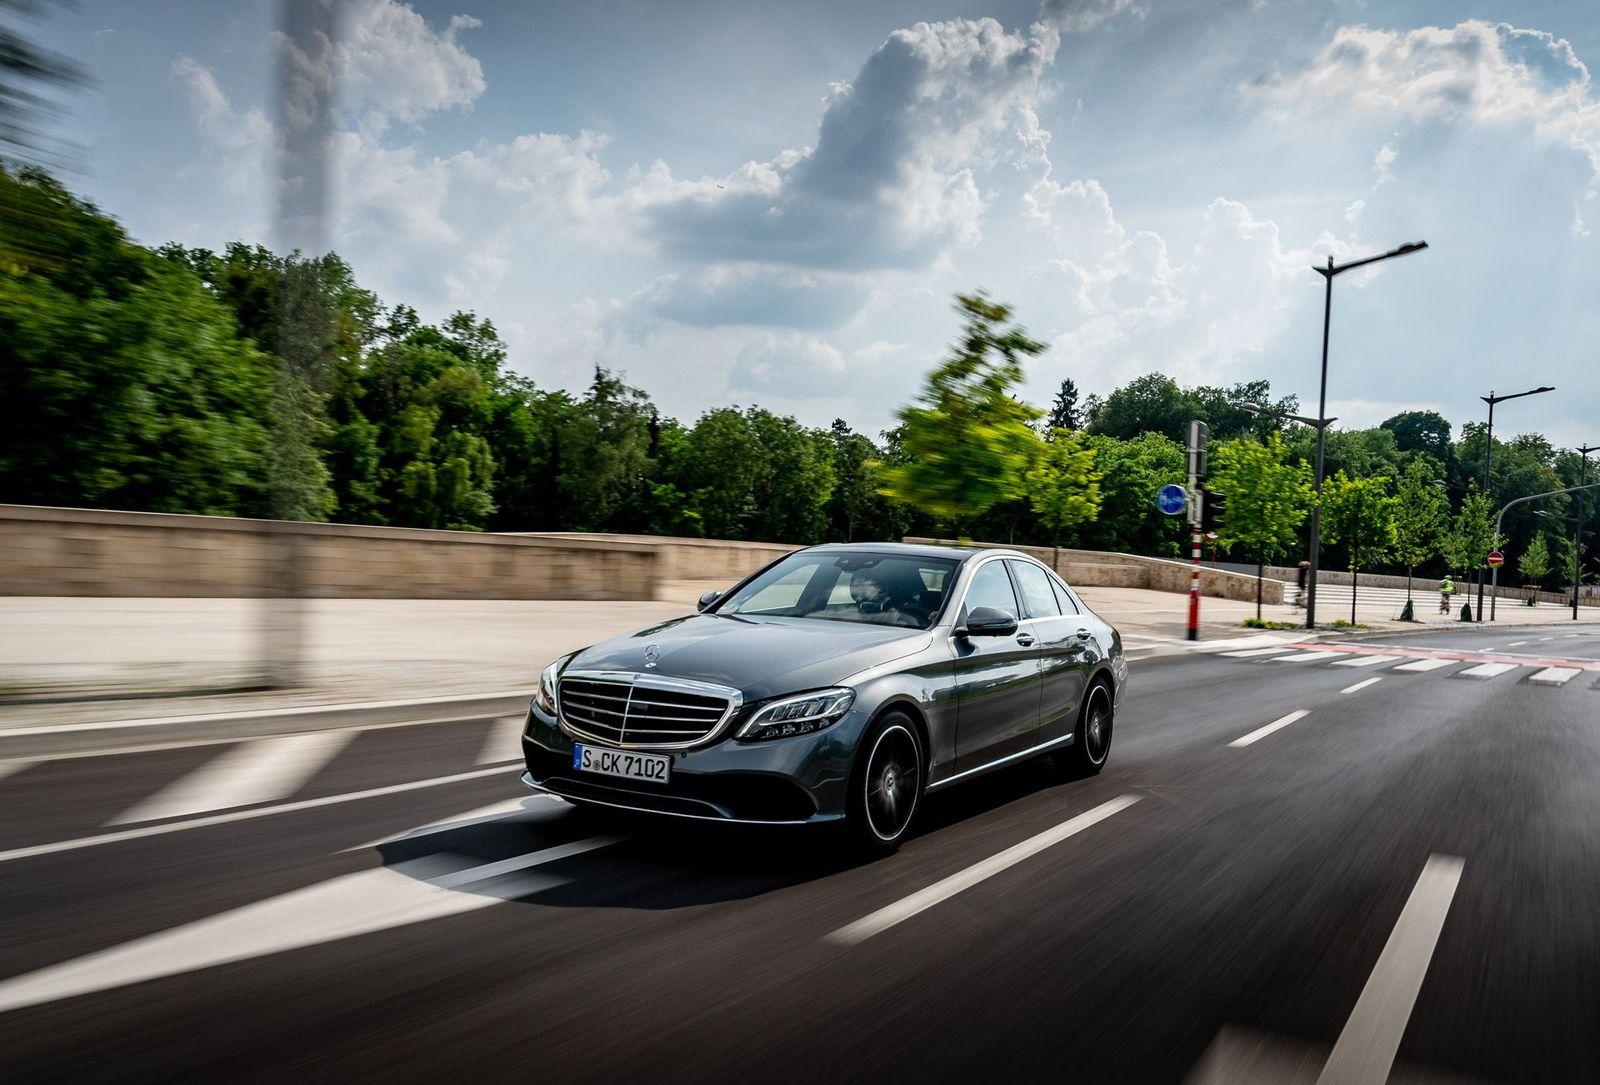 2018 / Mercedes C-KLasse